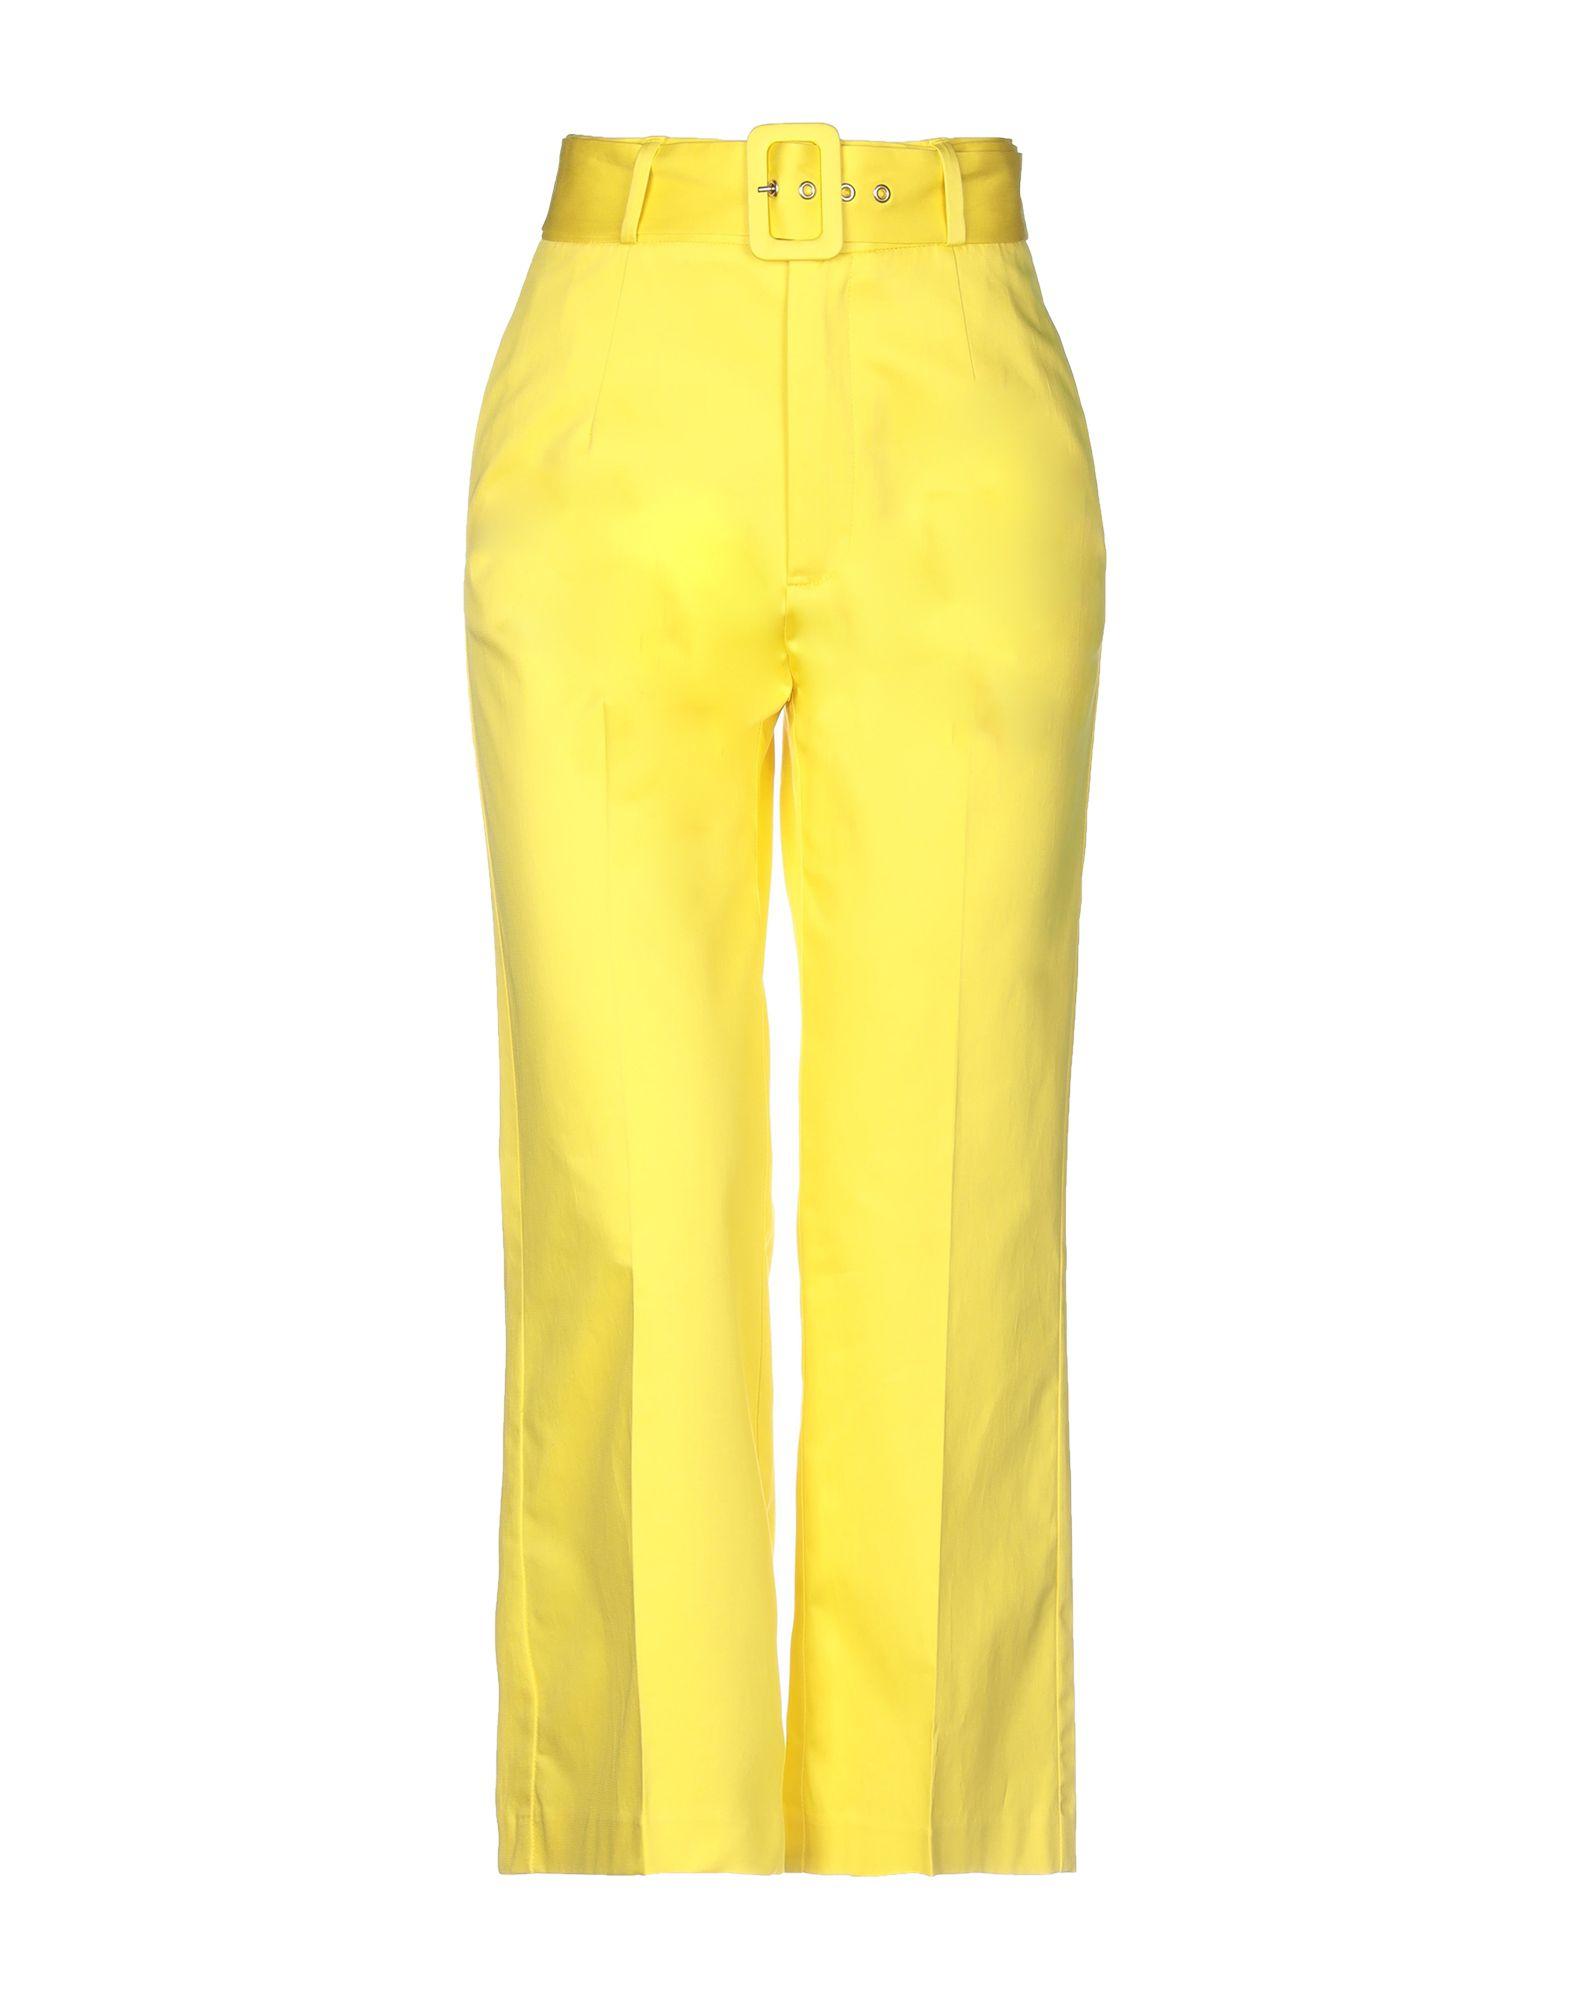 Pantalone Space Style Concept Concept donna - 13256415PC  Kommen Sie und wählen Sie Ihren eigenen Sportstil